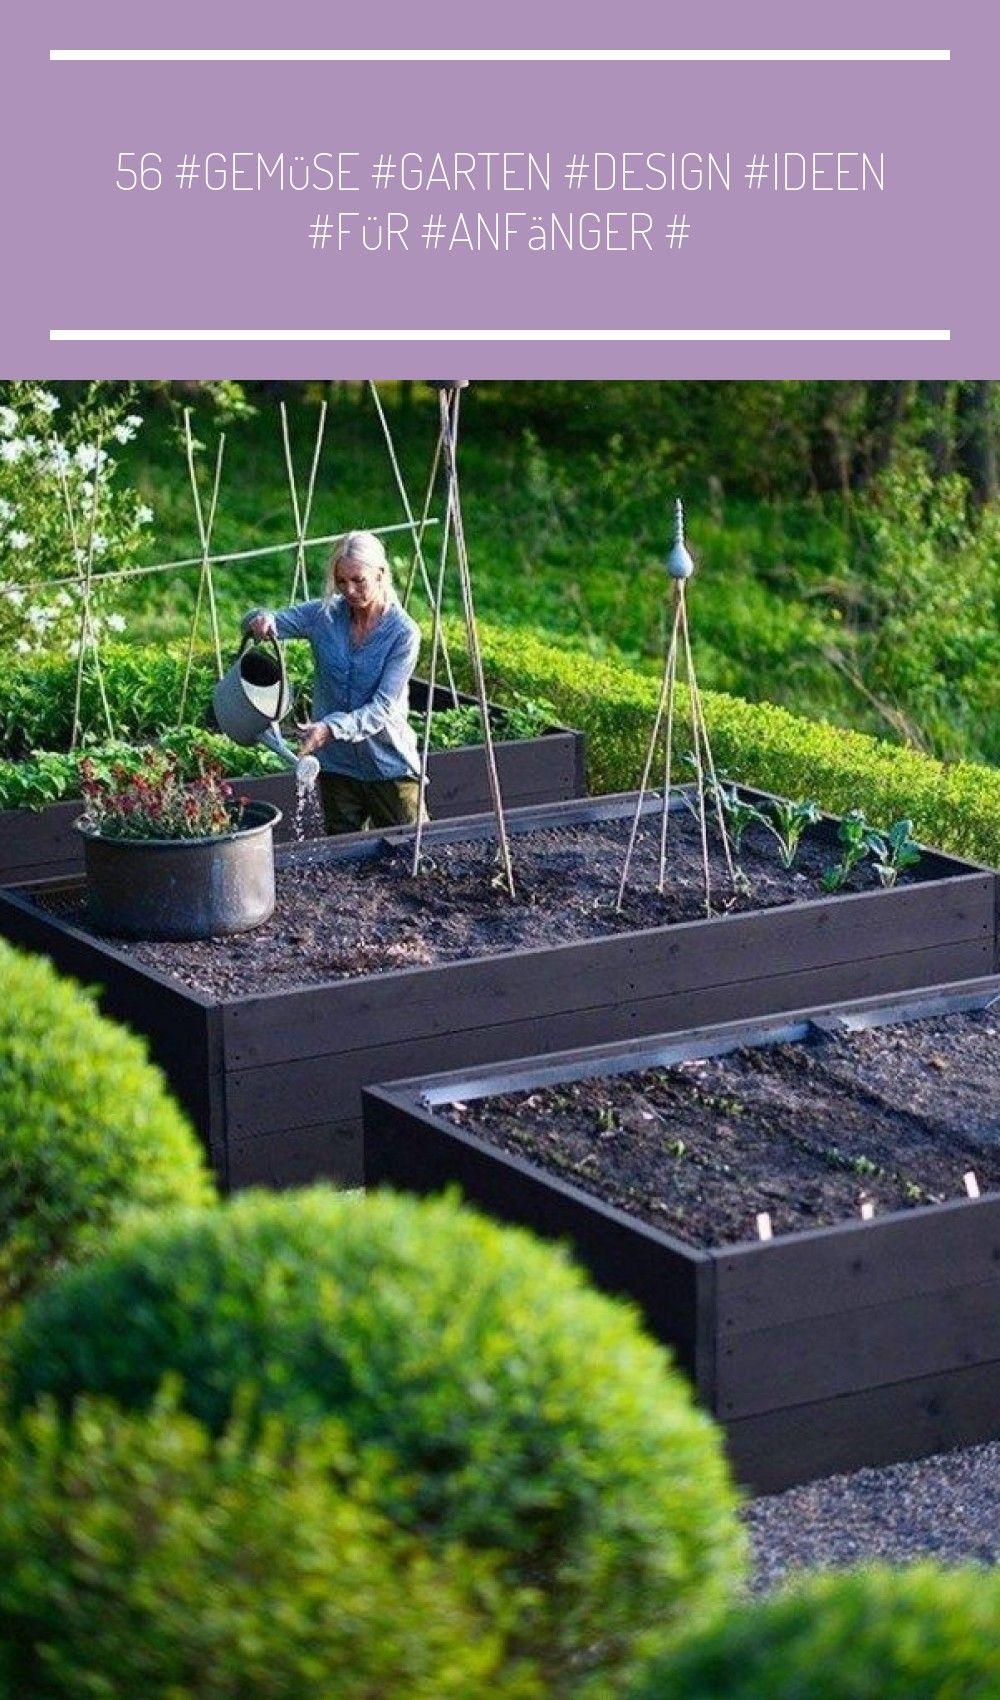 56 Gemuse Garten Design Ideen Fur Anfanger Anfanger Design Garten Gemuse Ideen Lay Garden Layout Vegetable Garden Layout Vegetable Garden Design